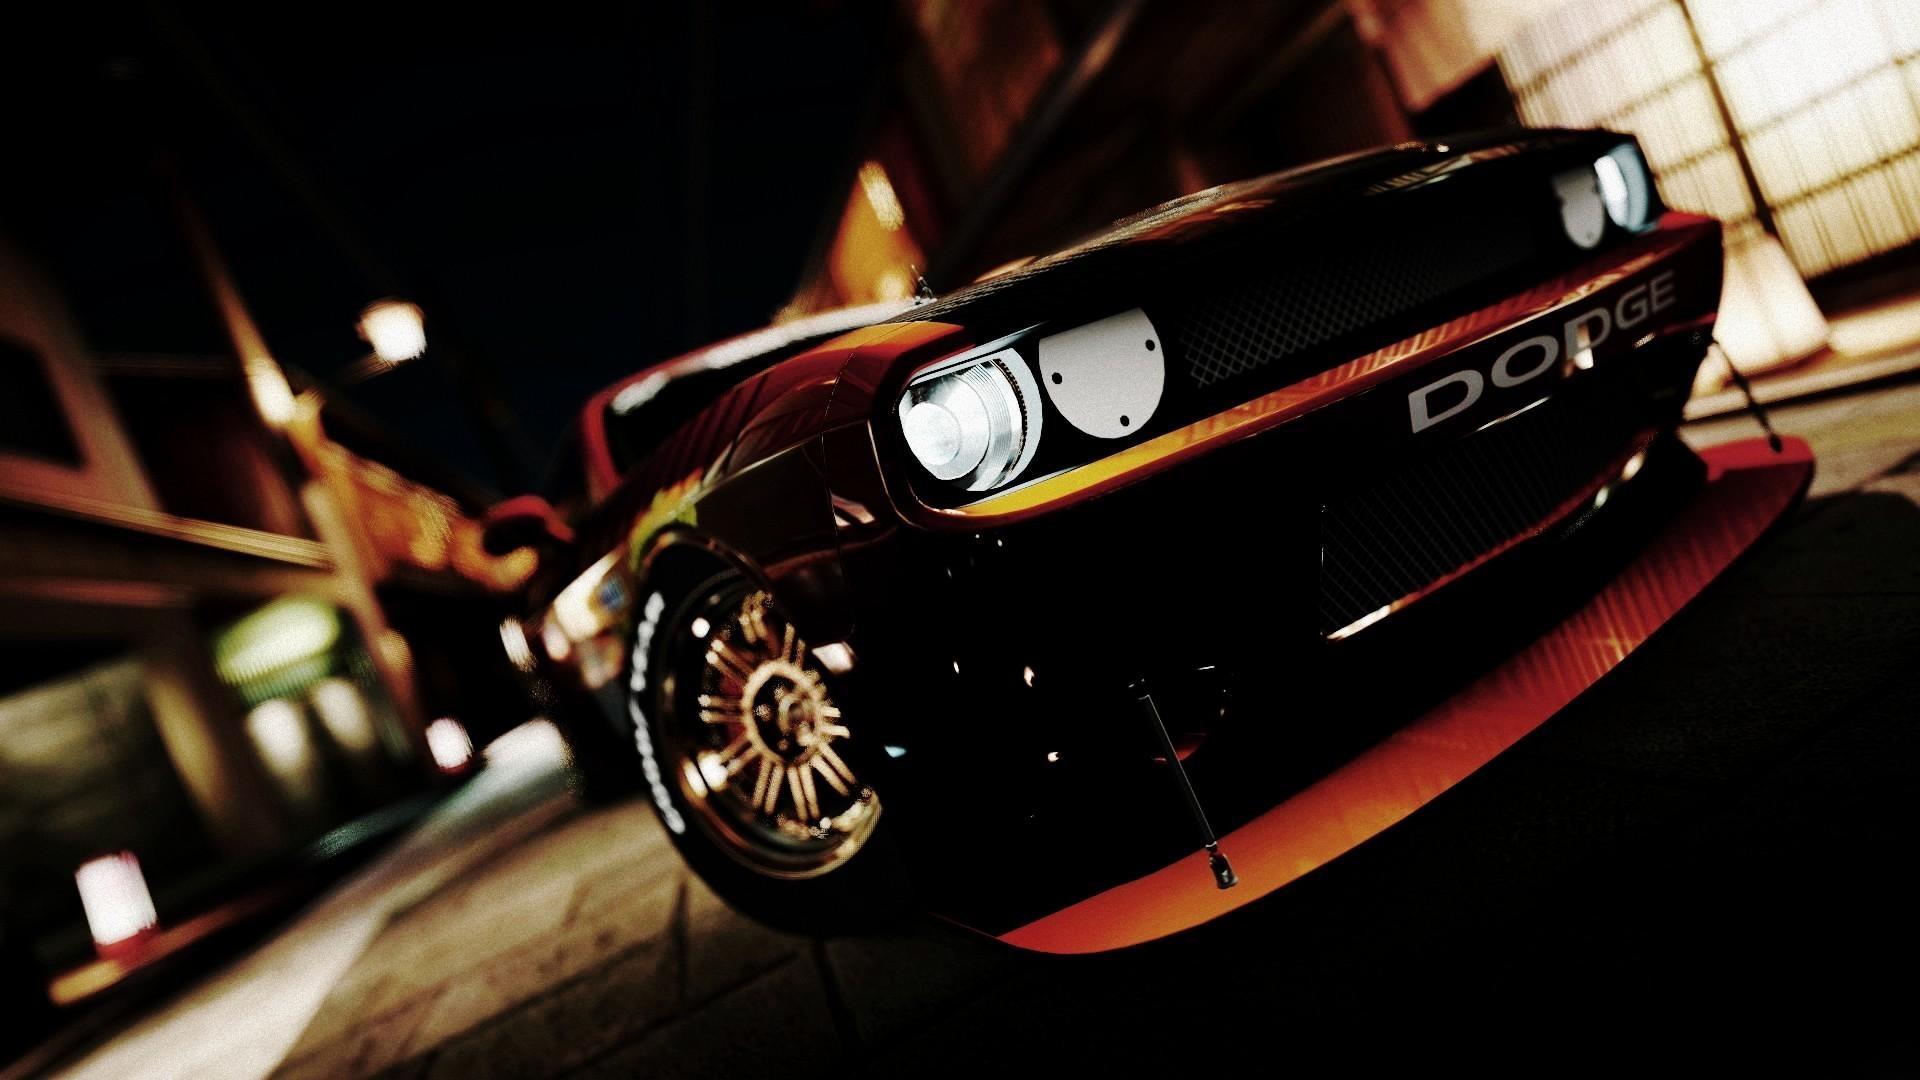 Full hd car wallpapers 1080p 65 images - Car hd wallpapers 1080p download ...